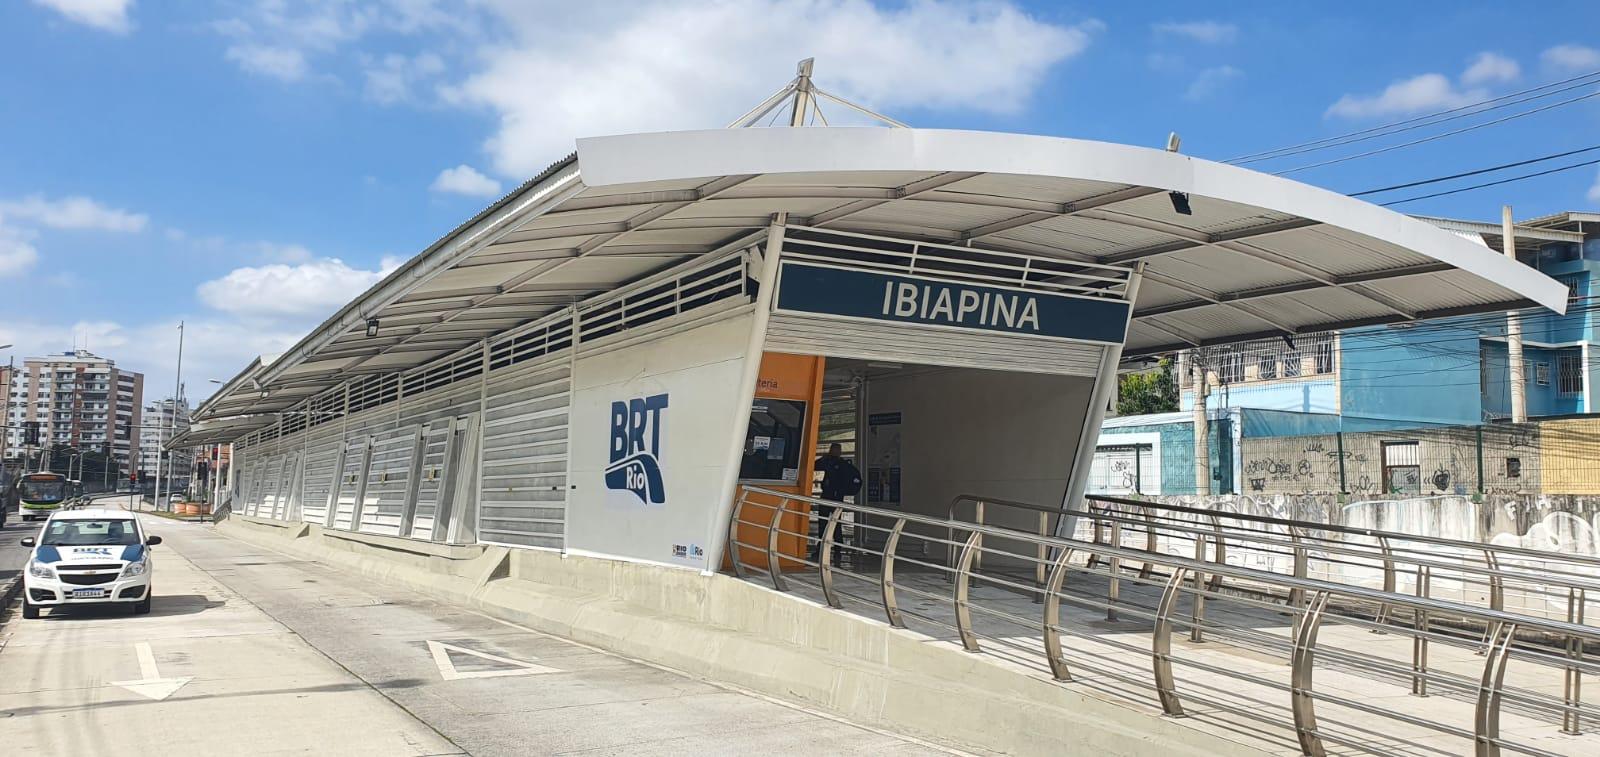 Fachada da estação do BRT Ibiapina